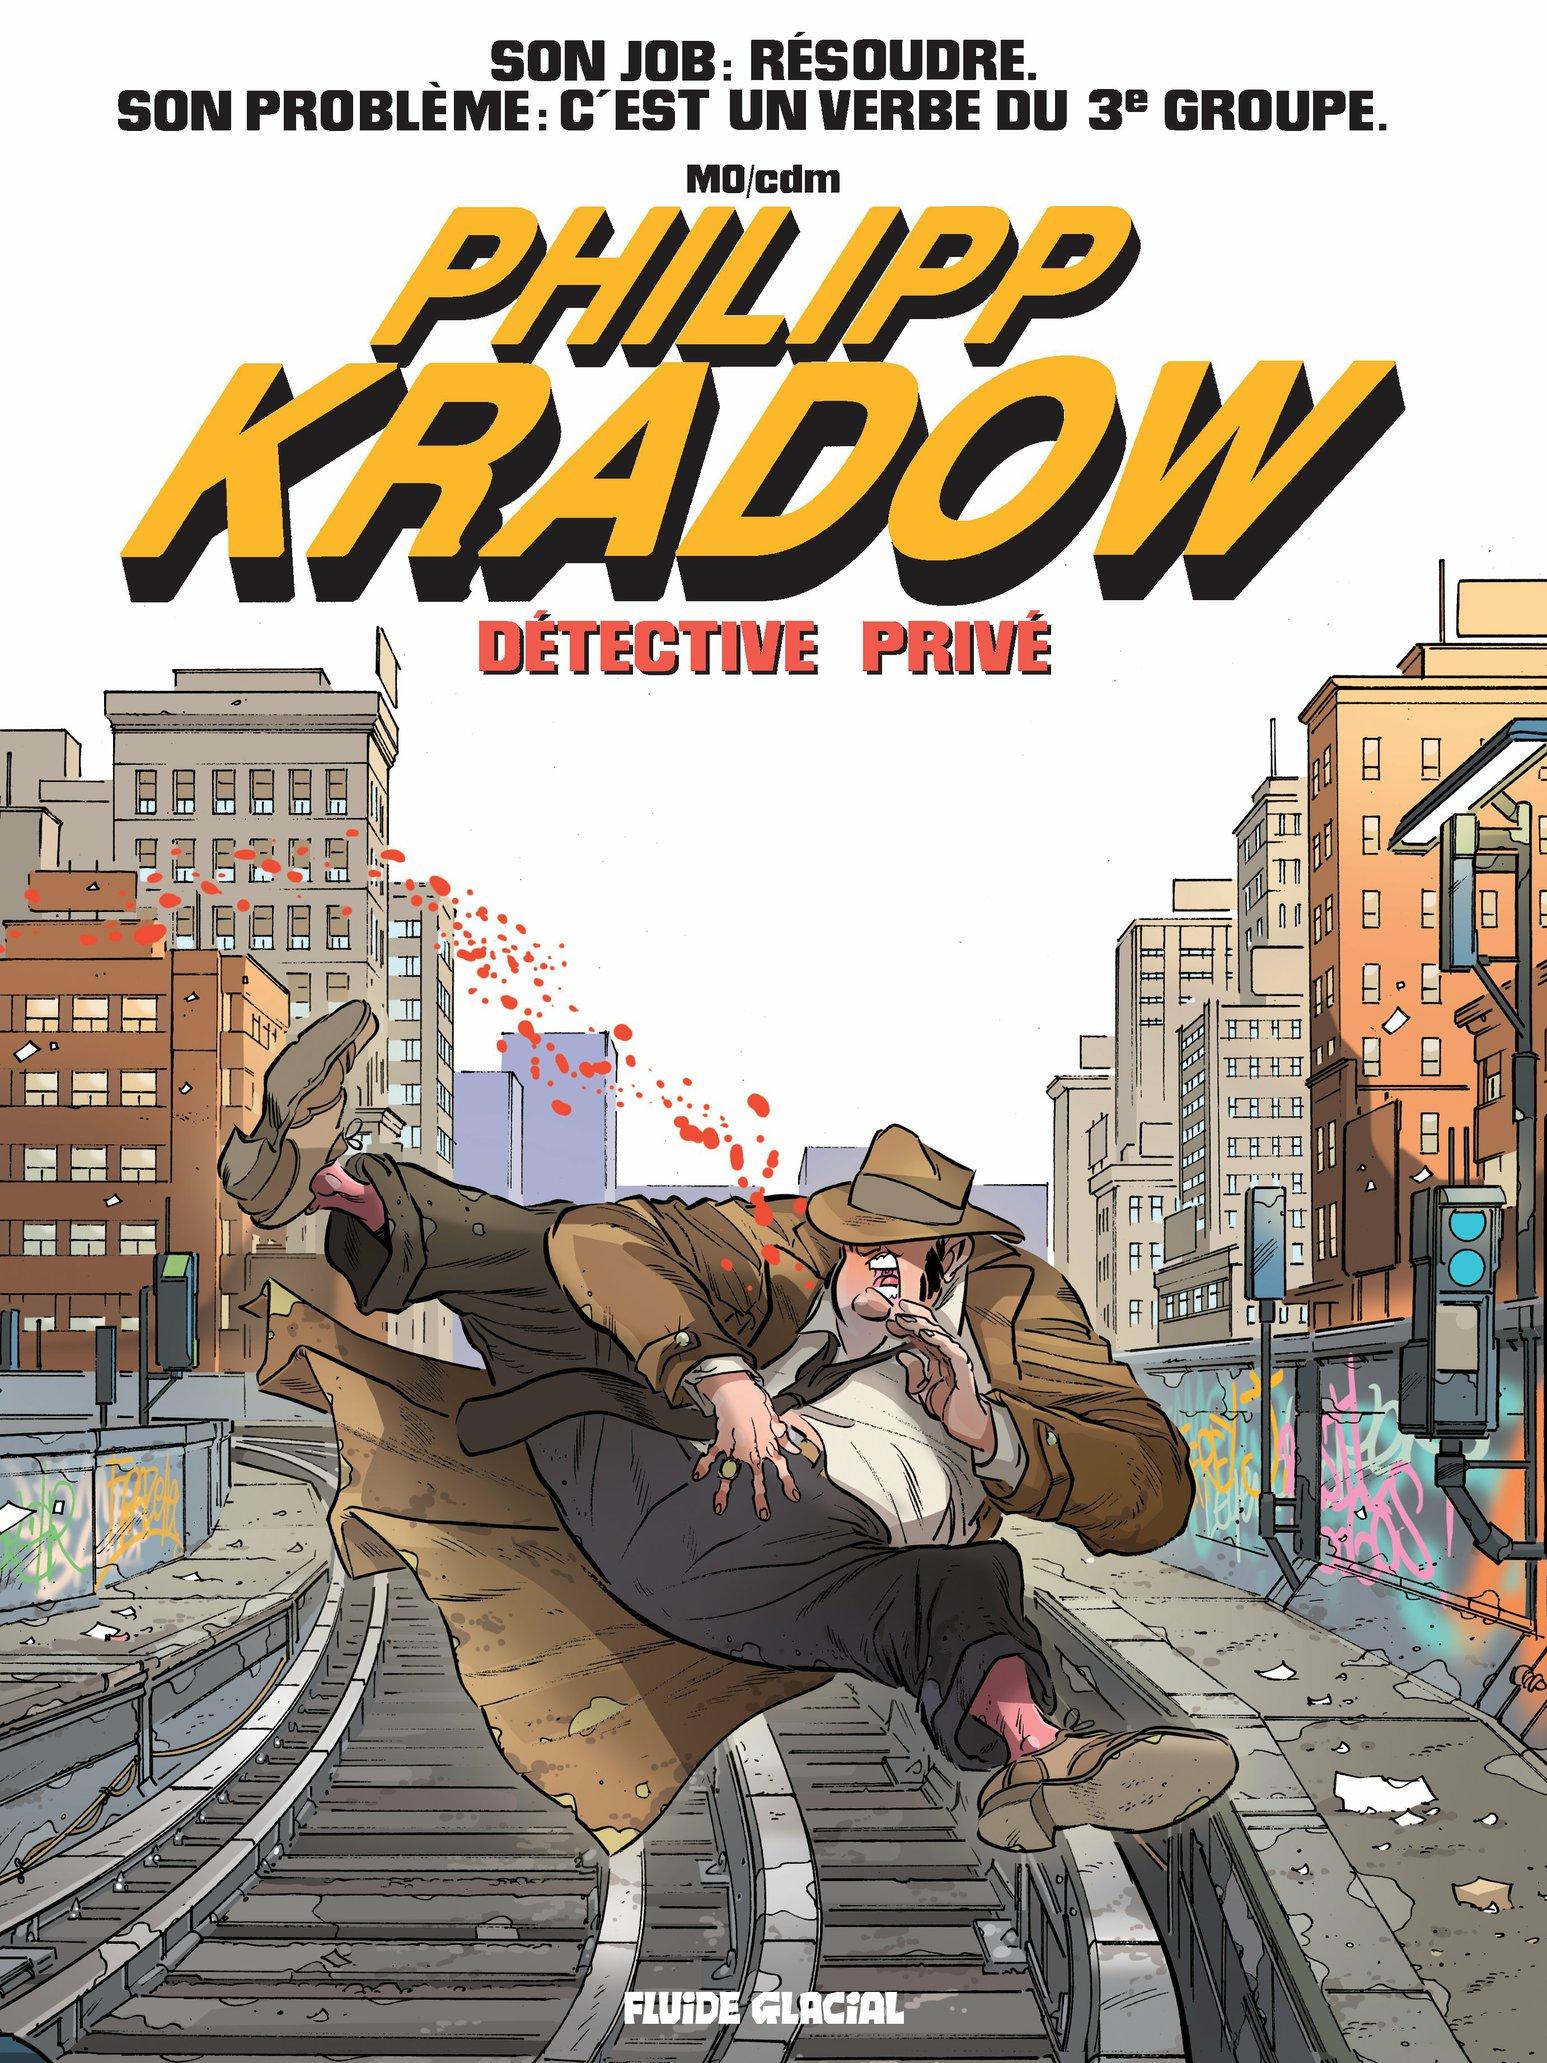 Philipp Kradow, détective p...